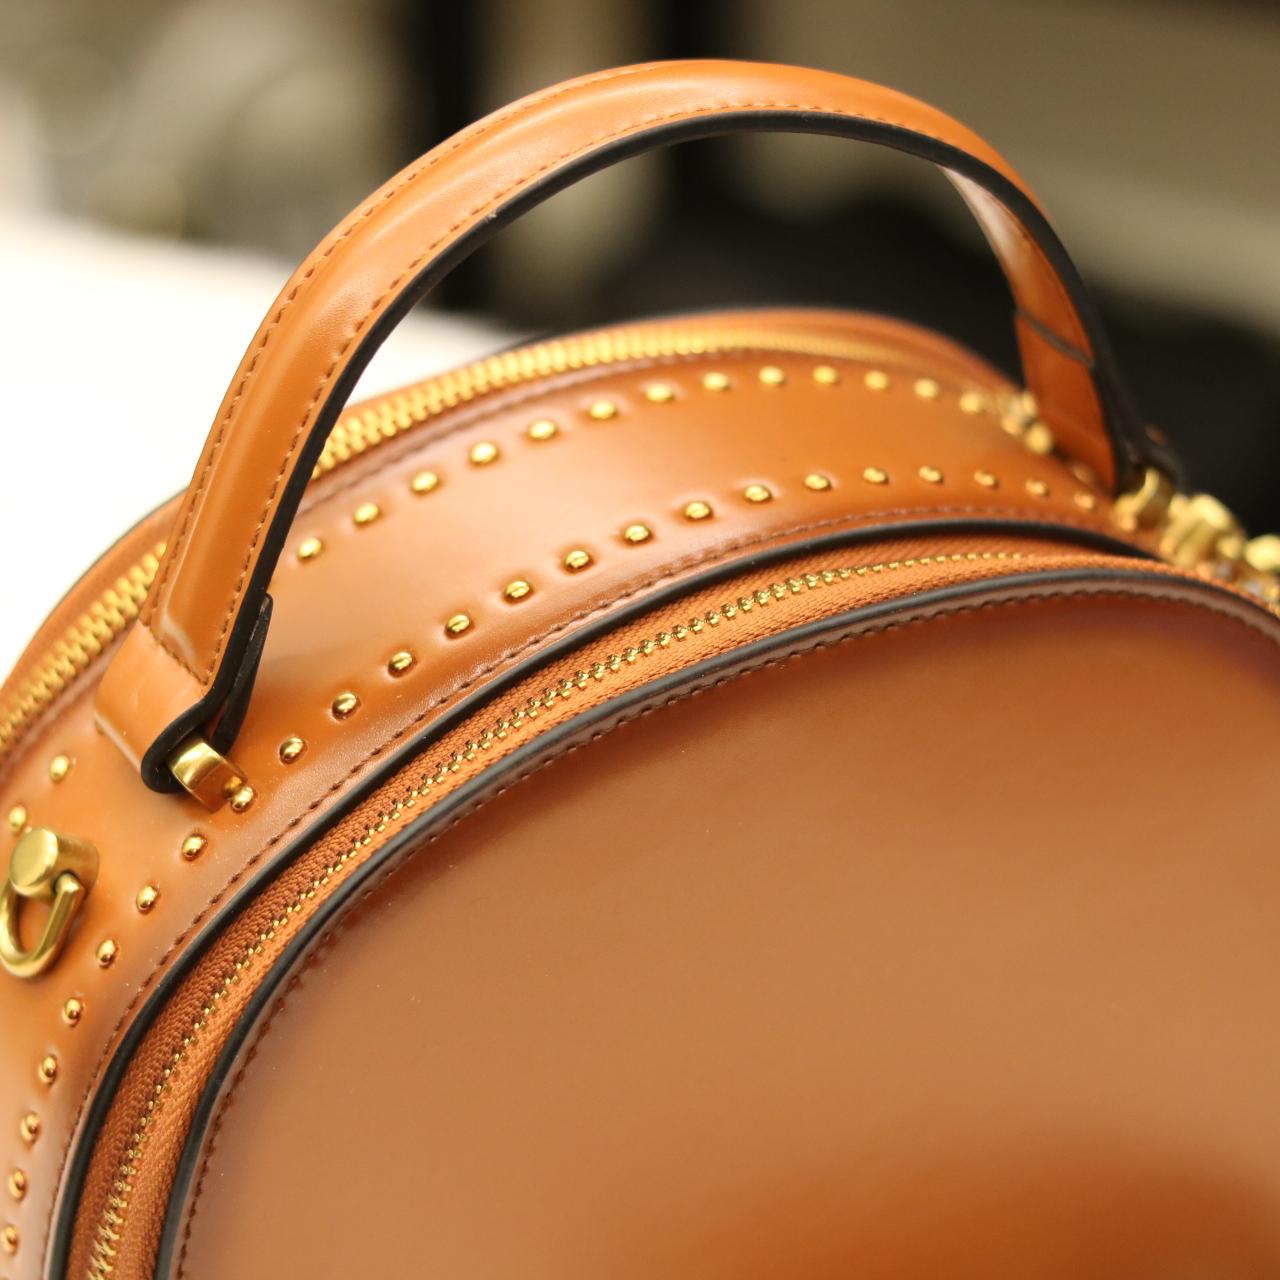 Túi xách nữ Lano đeo chéo sang trọng bằng da thật TXN016 tay xách